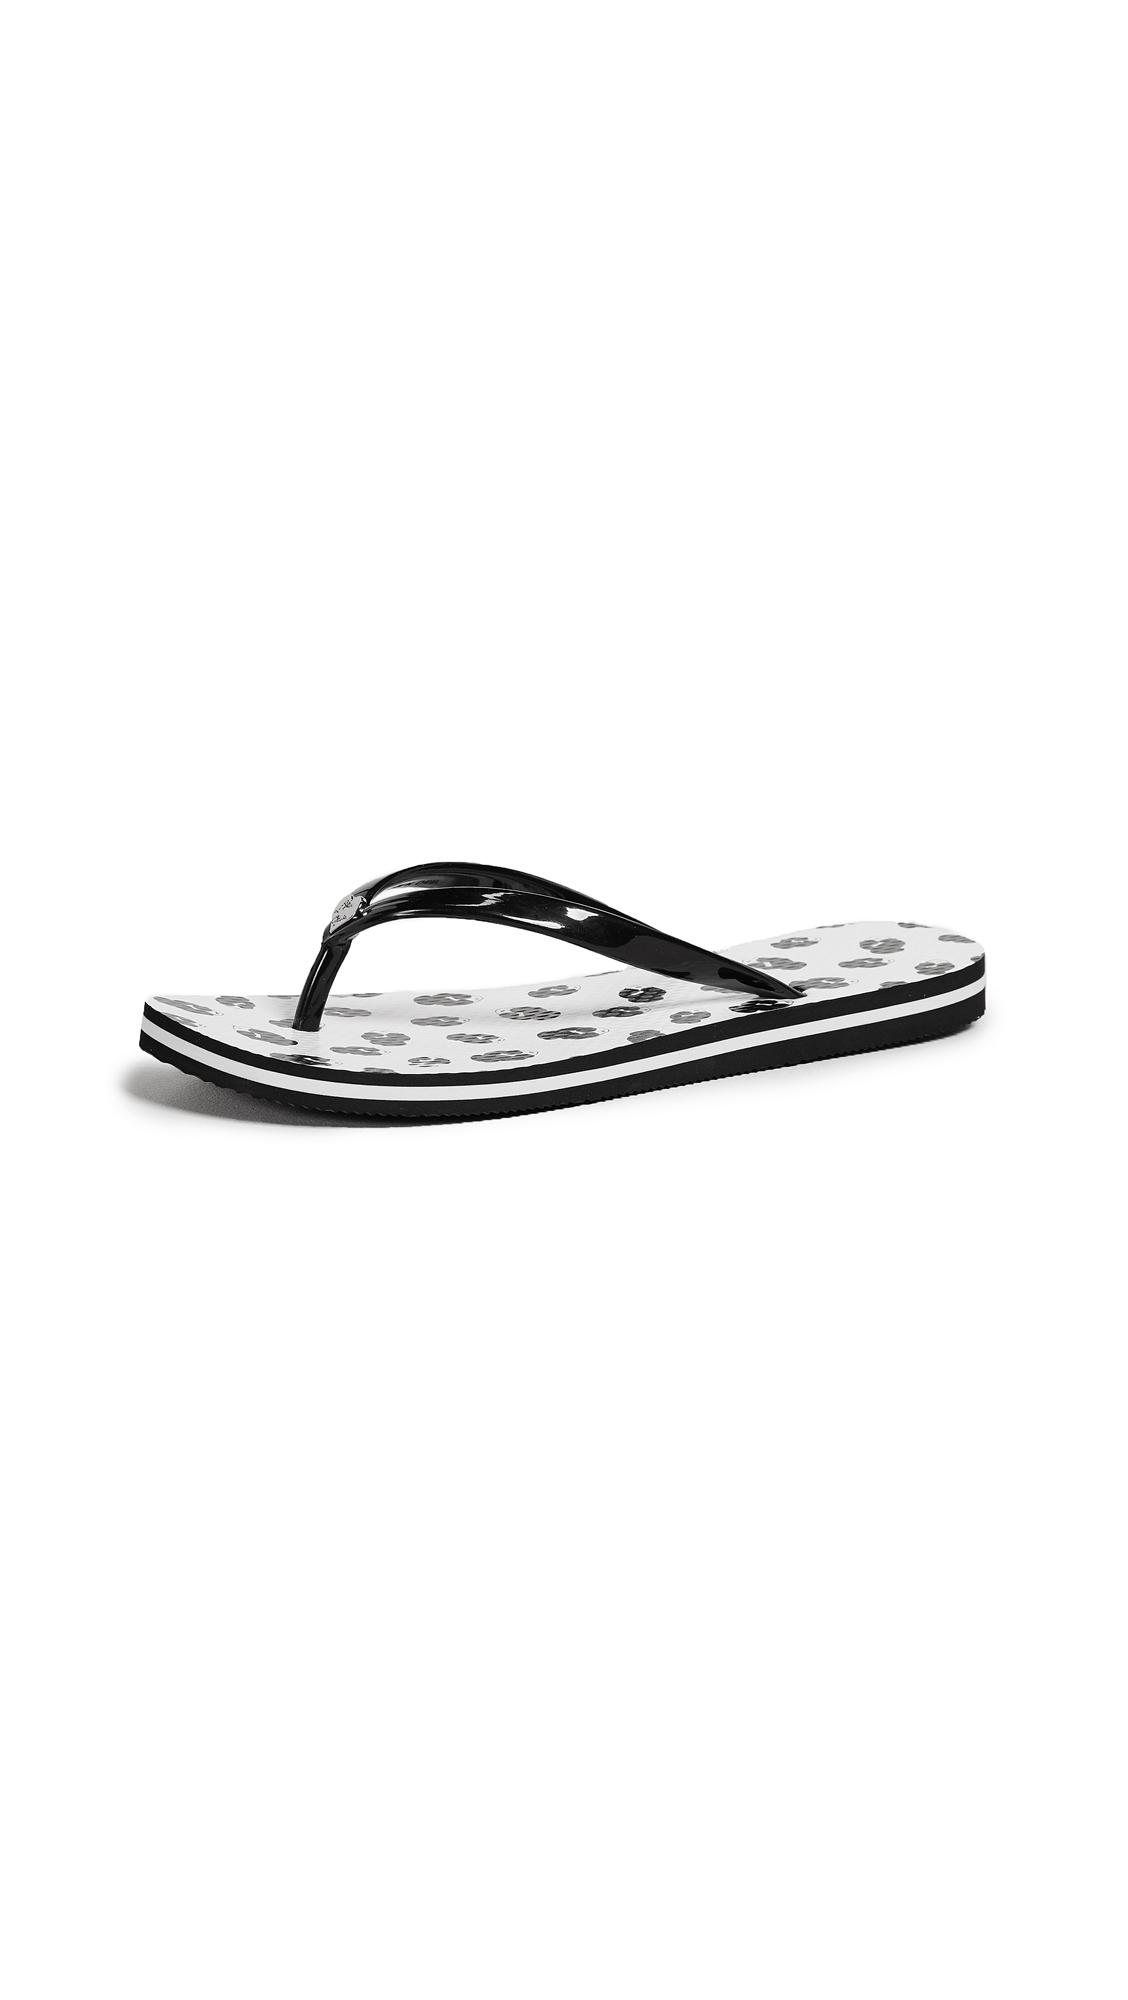 Eva Flip Flops in White/Black